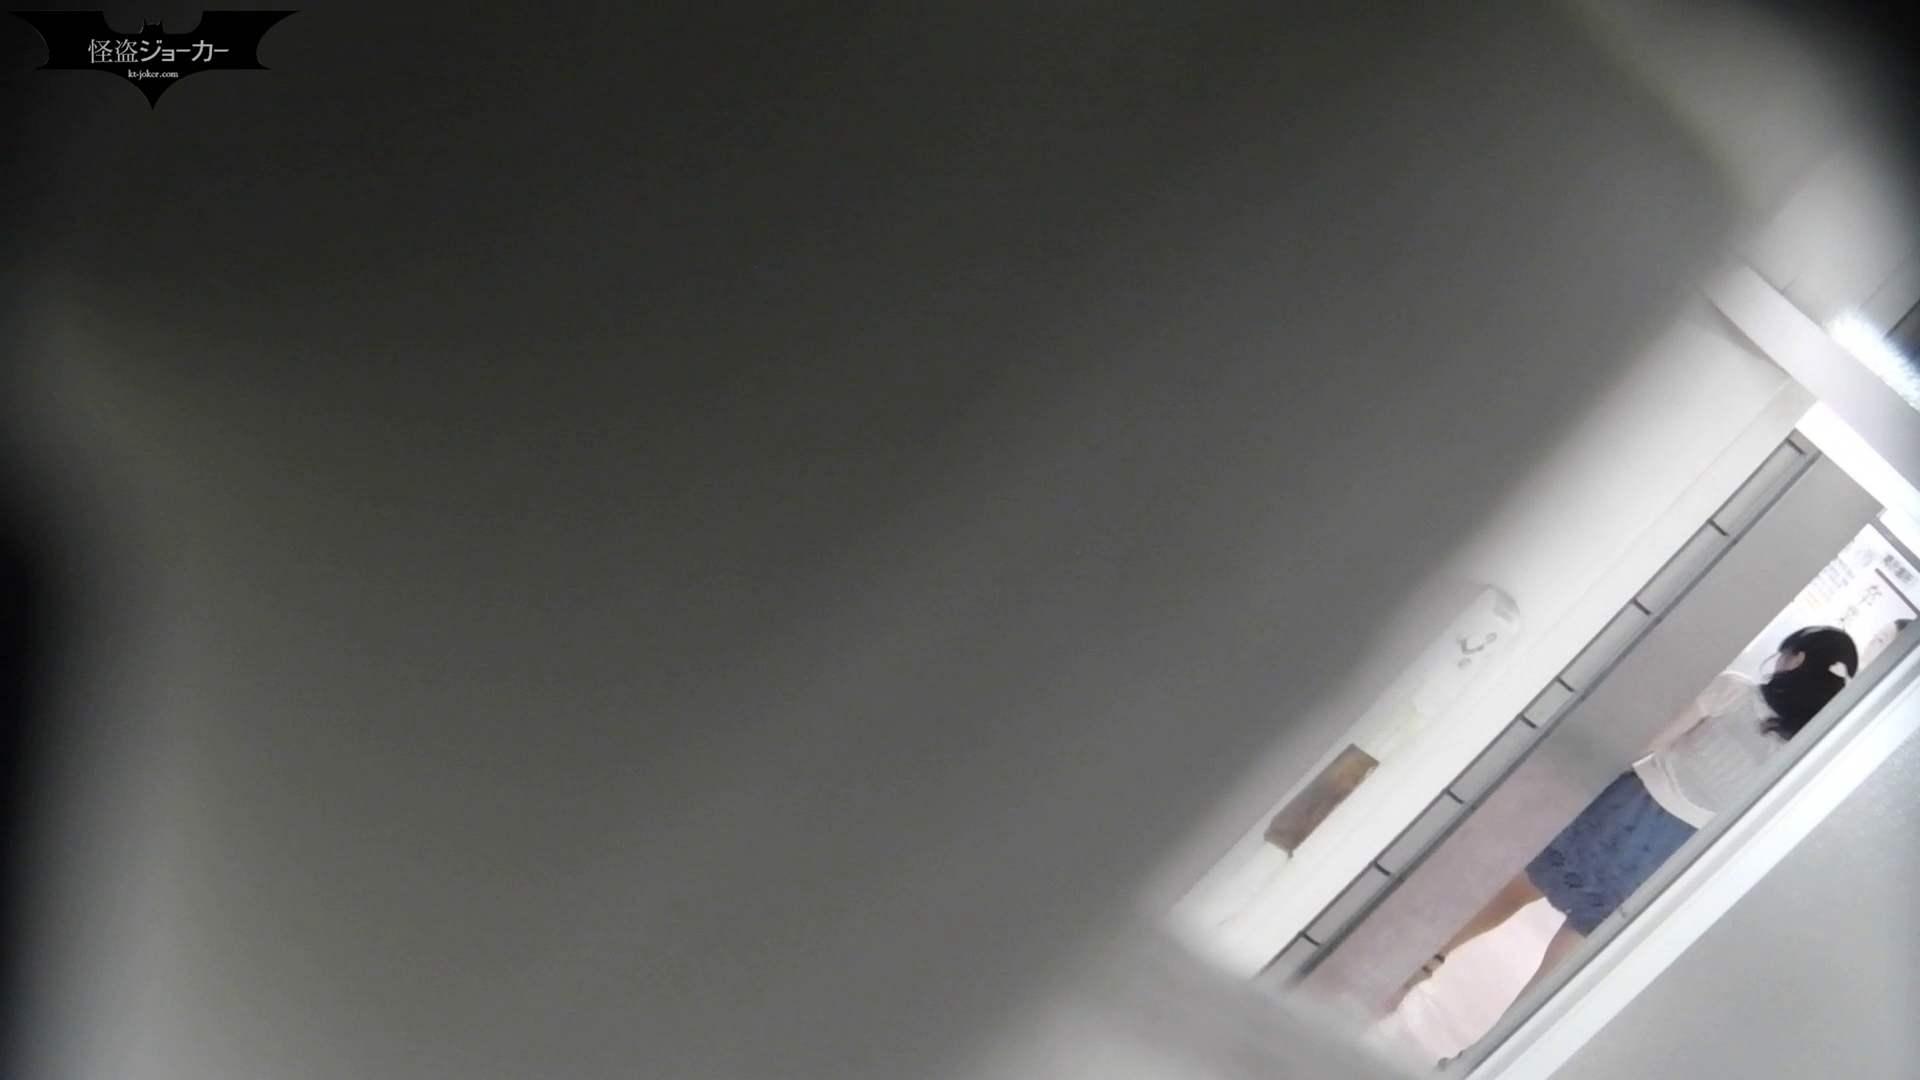 洗面所特攻隊 vol.047 モリモリ、ふきふきにスーパーズーム! お姉さん攻略 セックス無修正動画無料 113画像 8